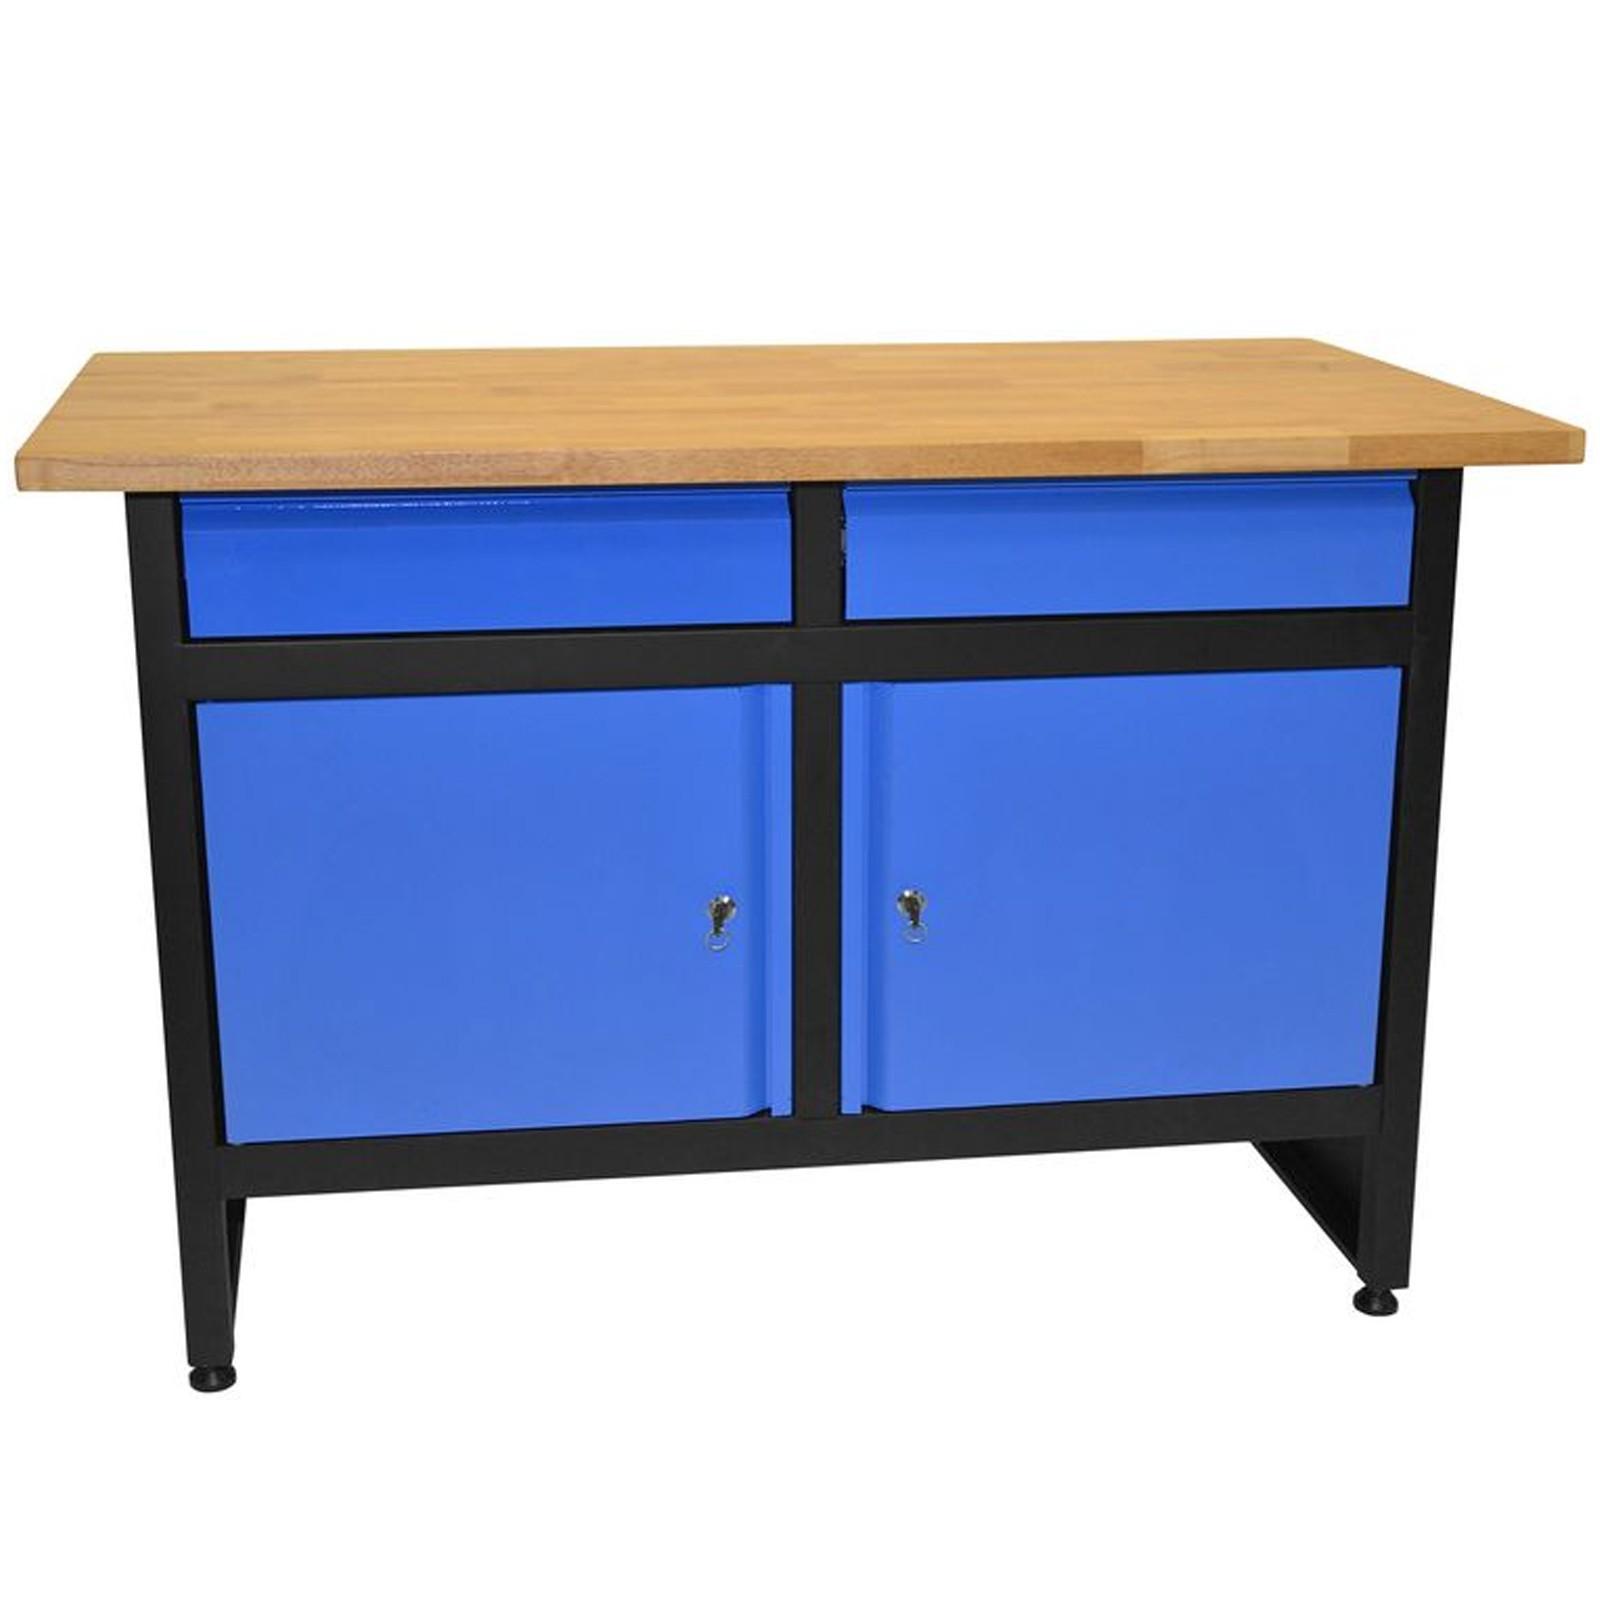 g de werkbank werktisch arbeitstisch werkstattregal arbeitsplatte werkzeugbank ebay. Black Bedroom Furniture Sets. Home Design Ideas